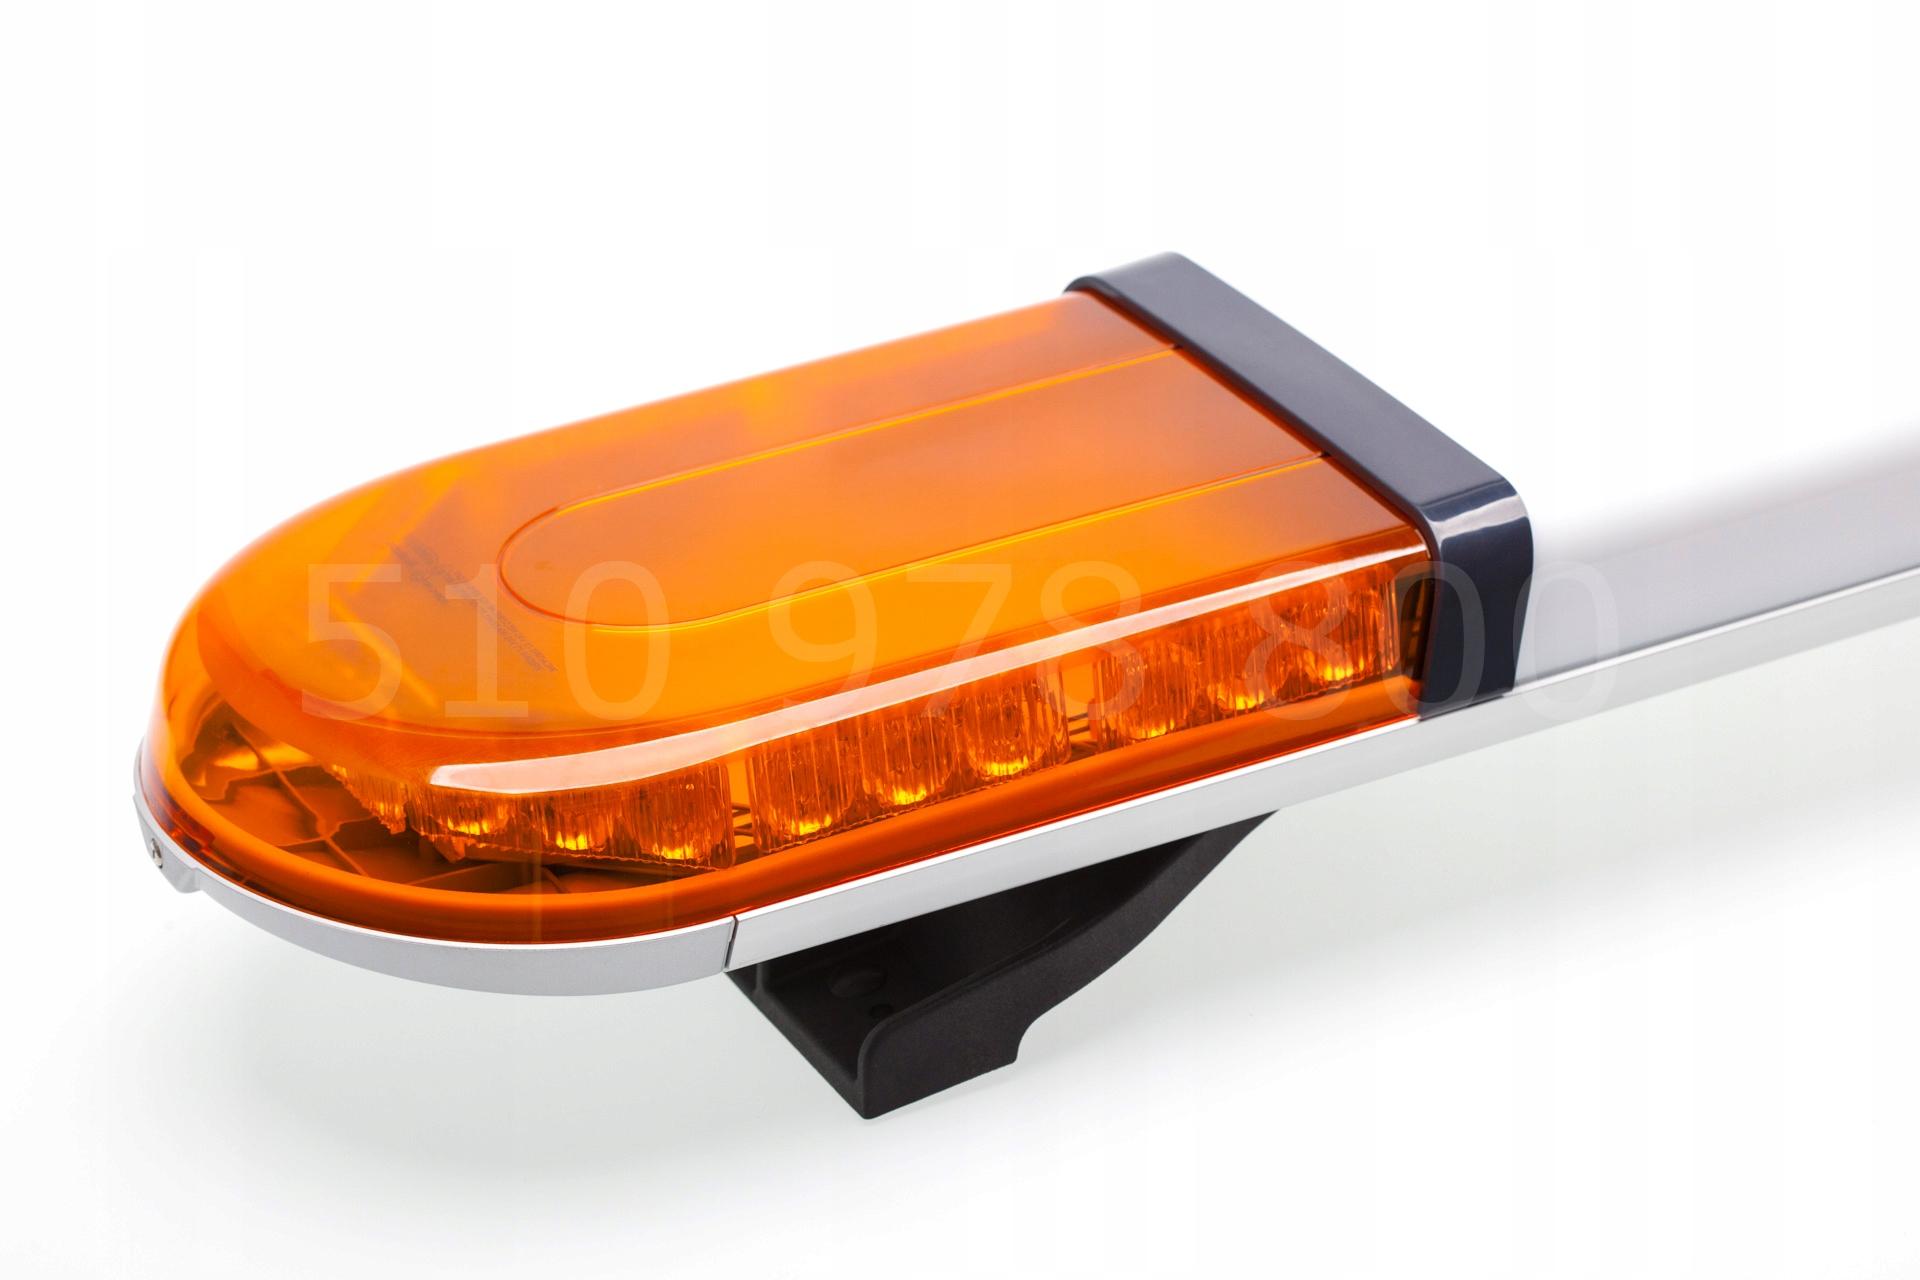 Балка лампа СВЕТОДИОДНАЯ 120 см ECE R65 R10 помощь